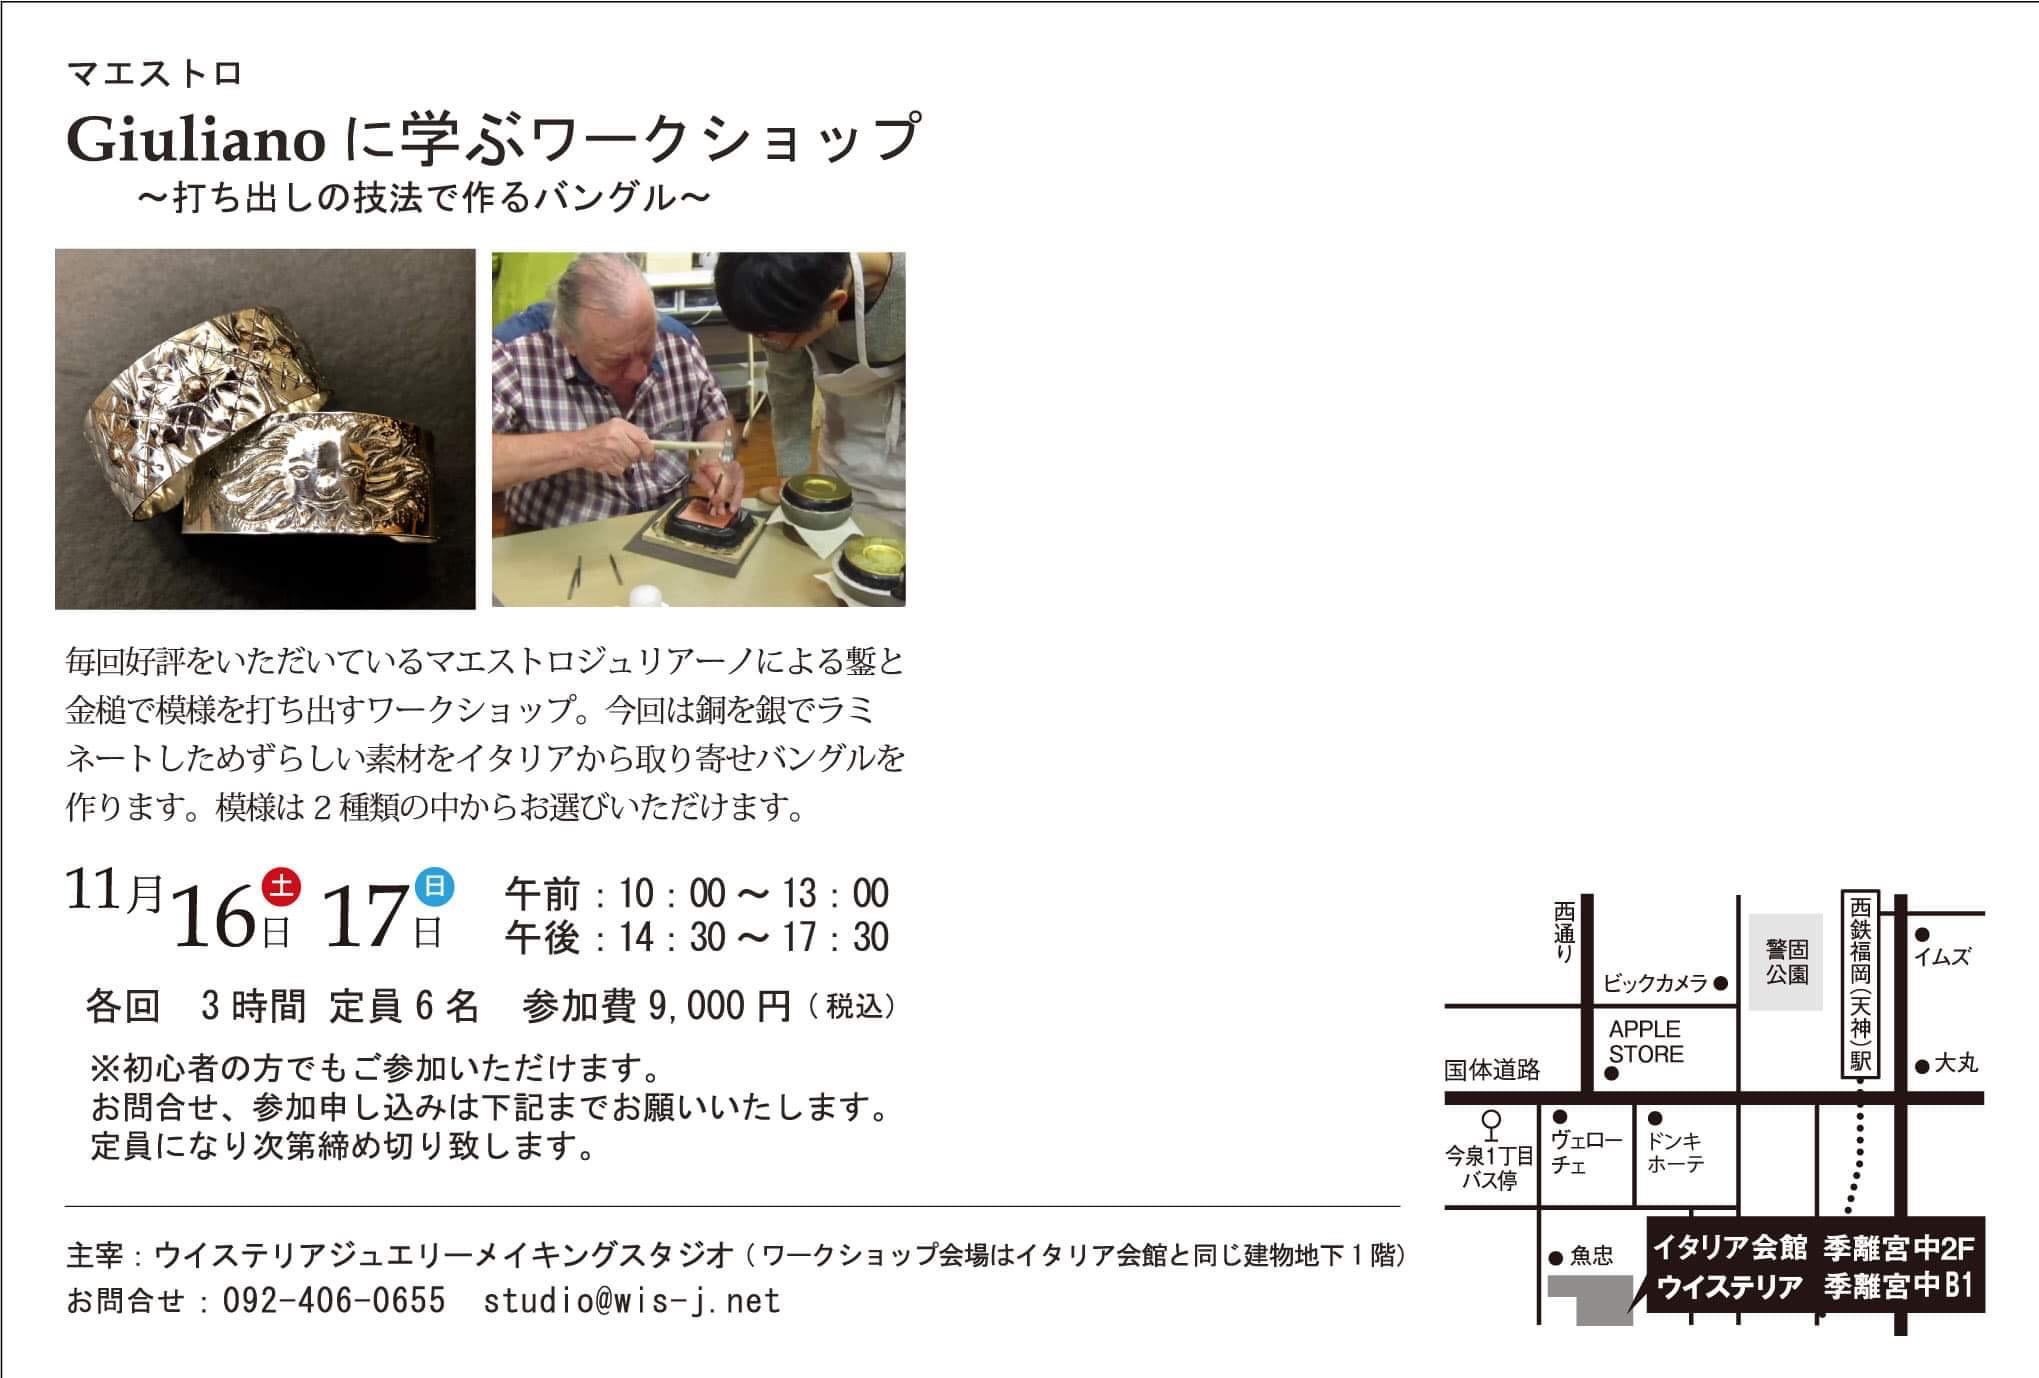 福岡会場ではジュリアーノ氏のワークショップも開催